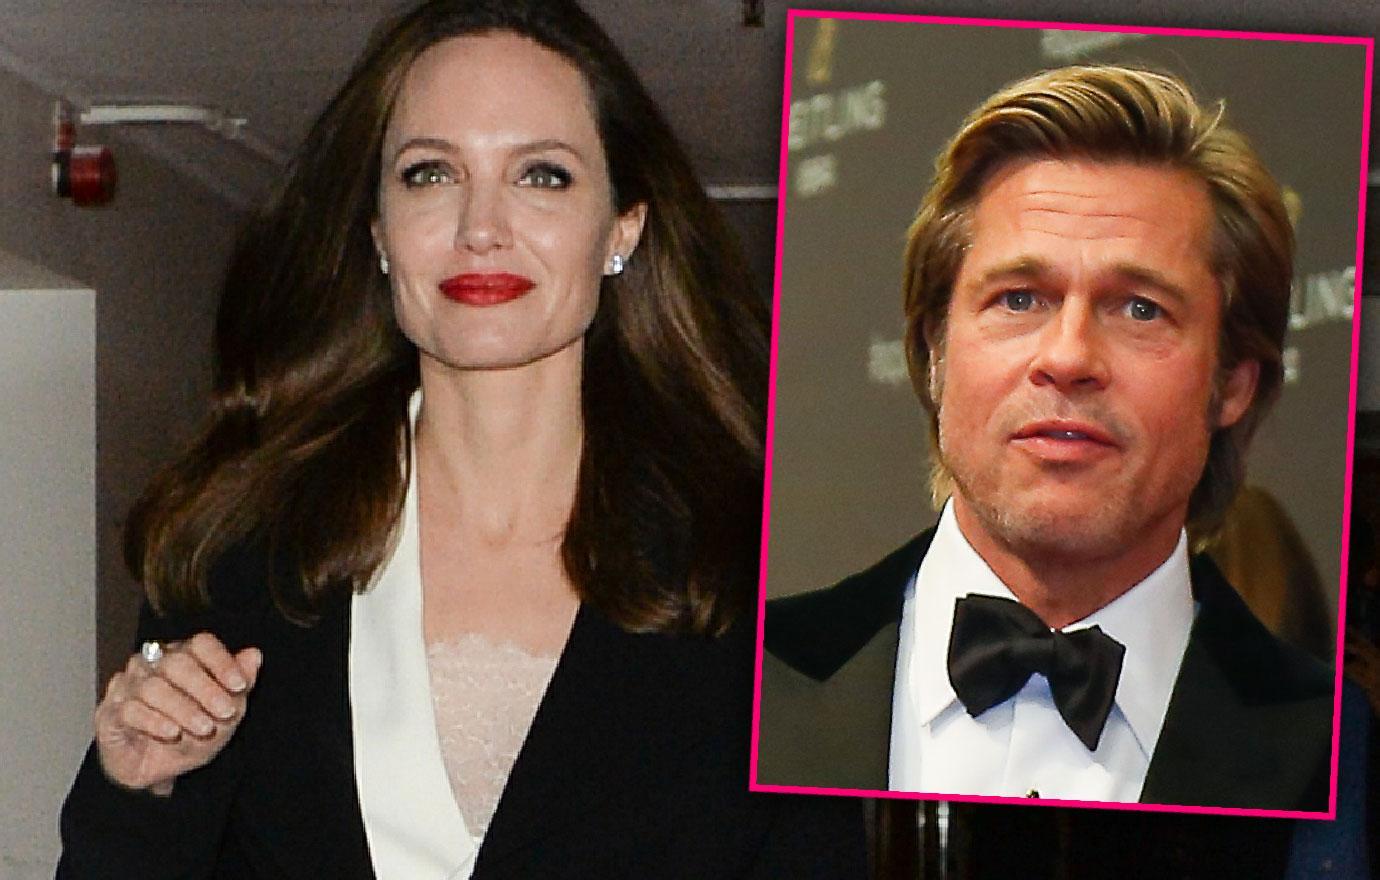 Angelina Jolie Attends BFI After Settling Custody Battle Brad Pitt